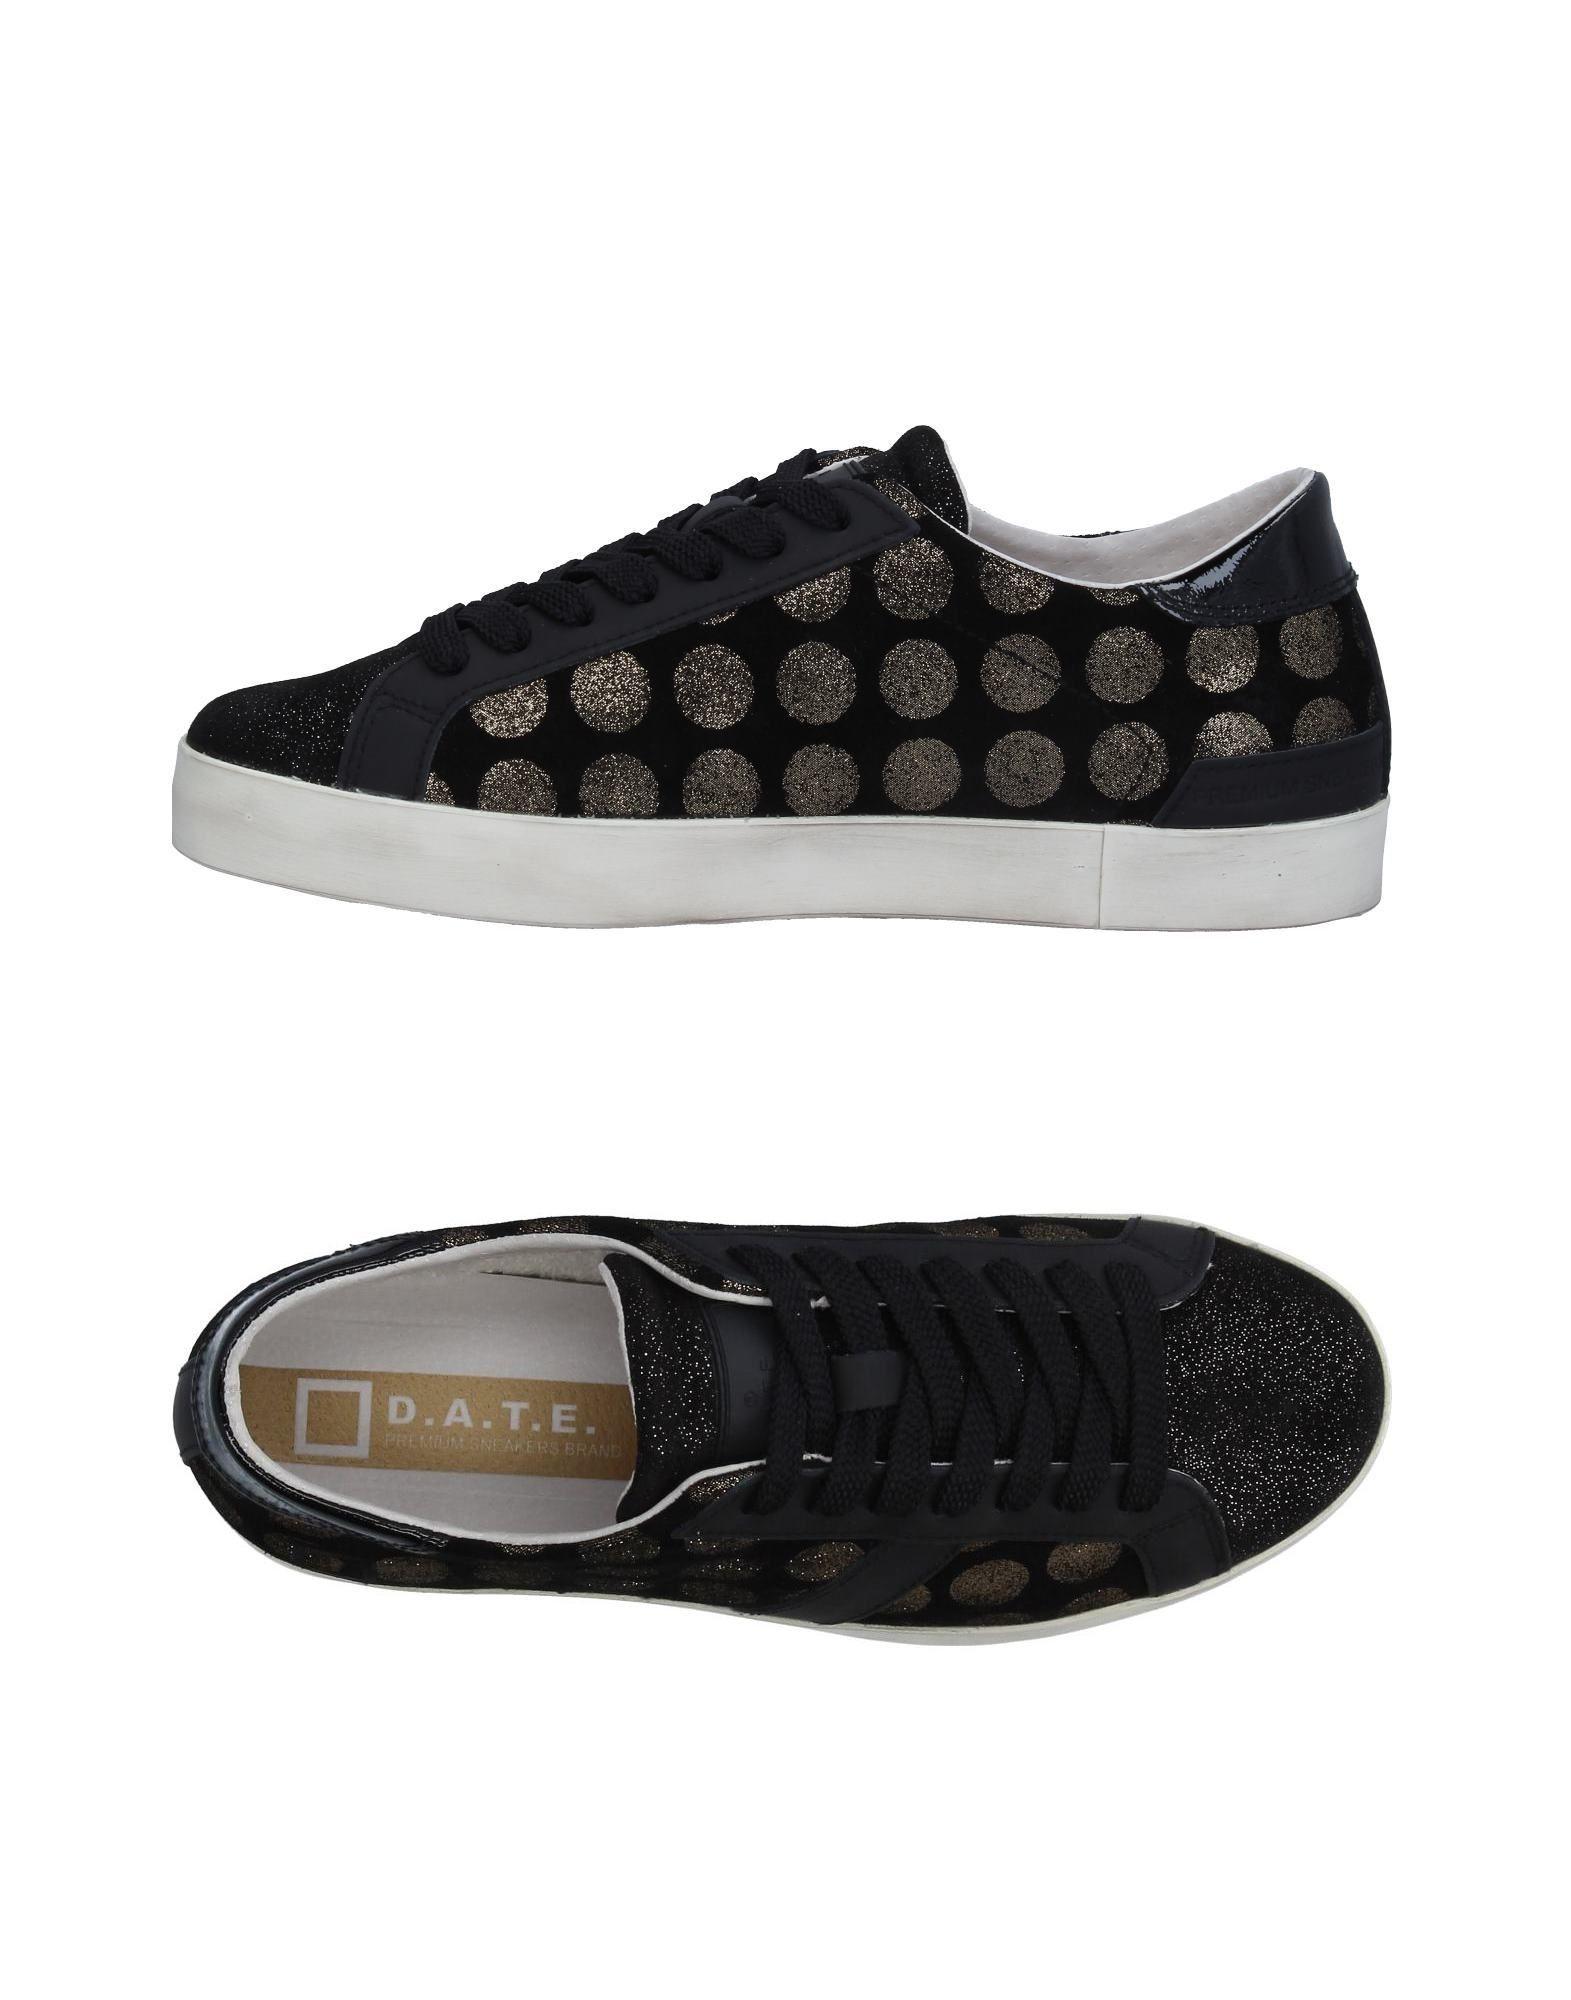 D.A.T.E. Sneakers - Women Australia D.A.T.E. Sneakers online on  Australia Women - 11313025GK 46b375